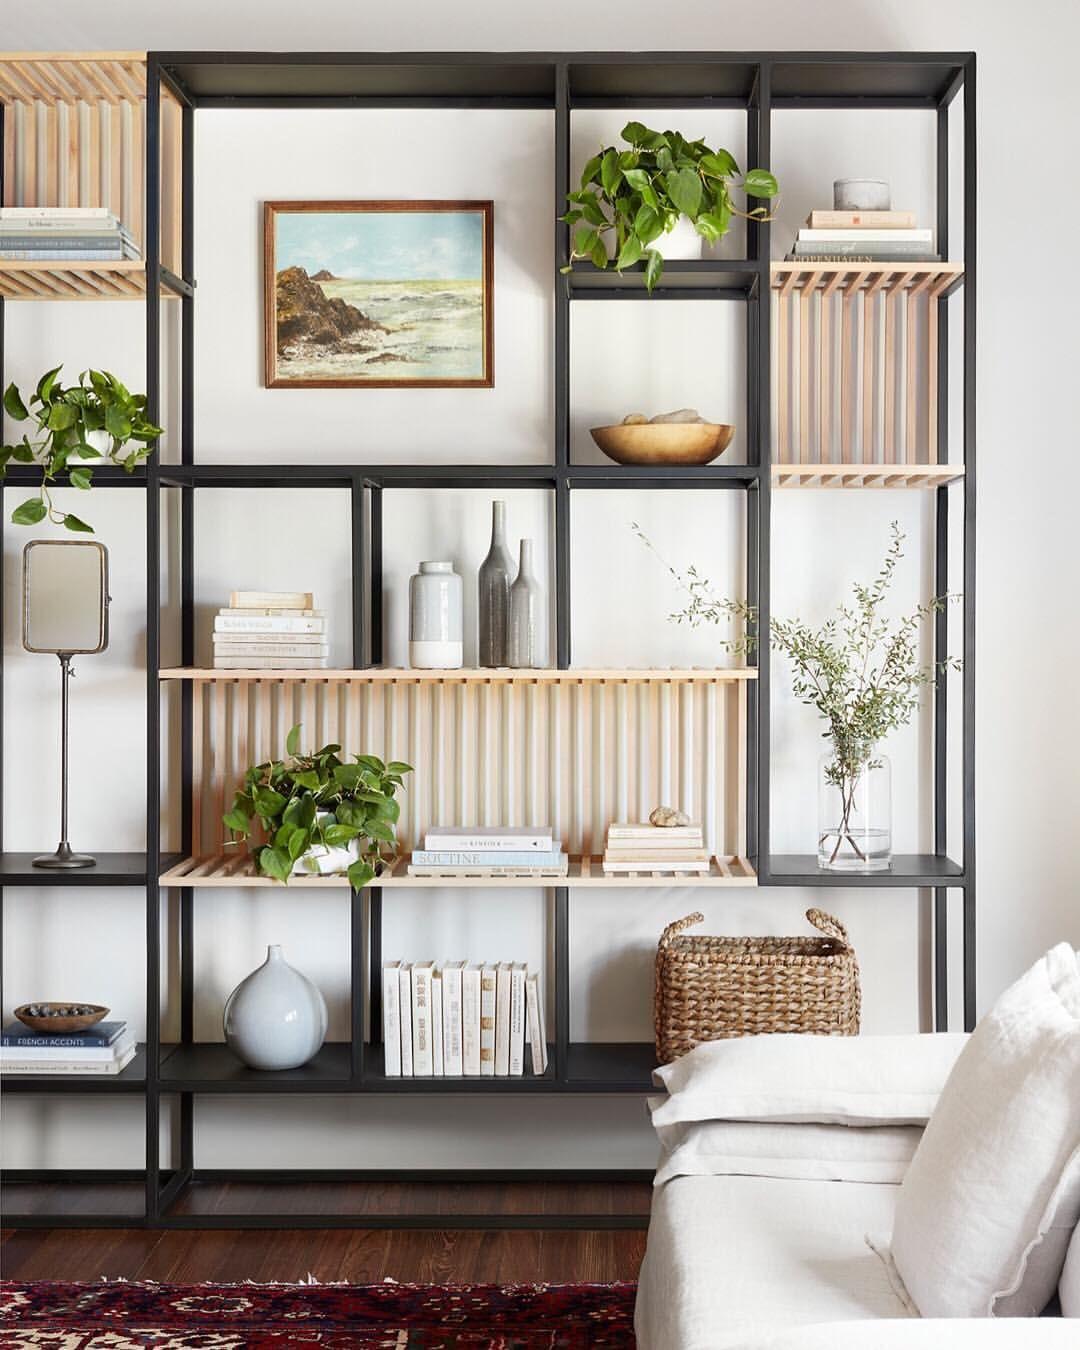 Pingl par mon carnet d co sur inspiration d co mobilier de salon d co maison et d coration for Mobilier decoration maison